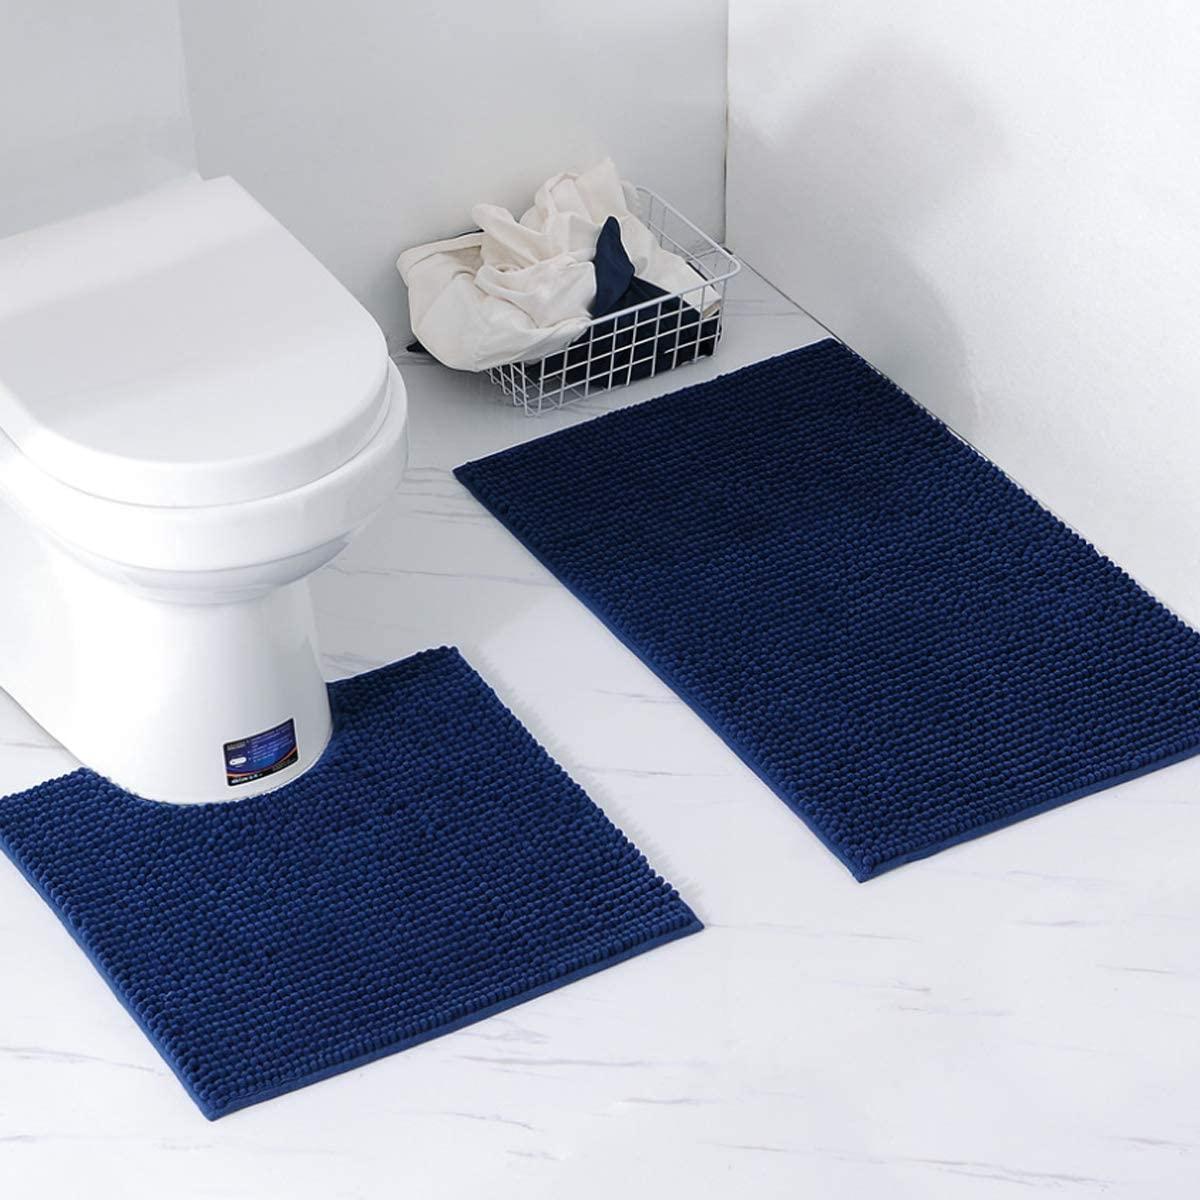 Bathroom Rugs Chenille 2-Piece Bath Mat Set, Soft Plush Anti-Slip Bath Rug +Toilet Rugs for Bathroom U Shaped Washable Microfiber Shaggy Carpet(Curved Set) (20X31inch+20x20inch U Type, Navy Blue)